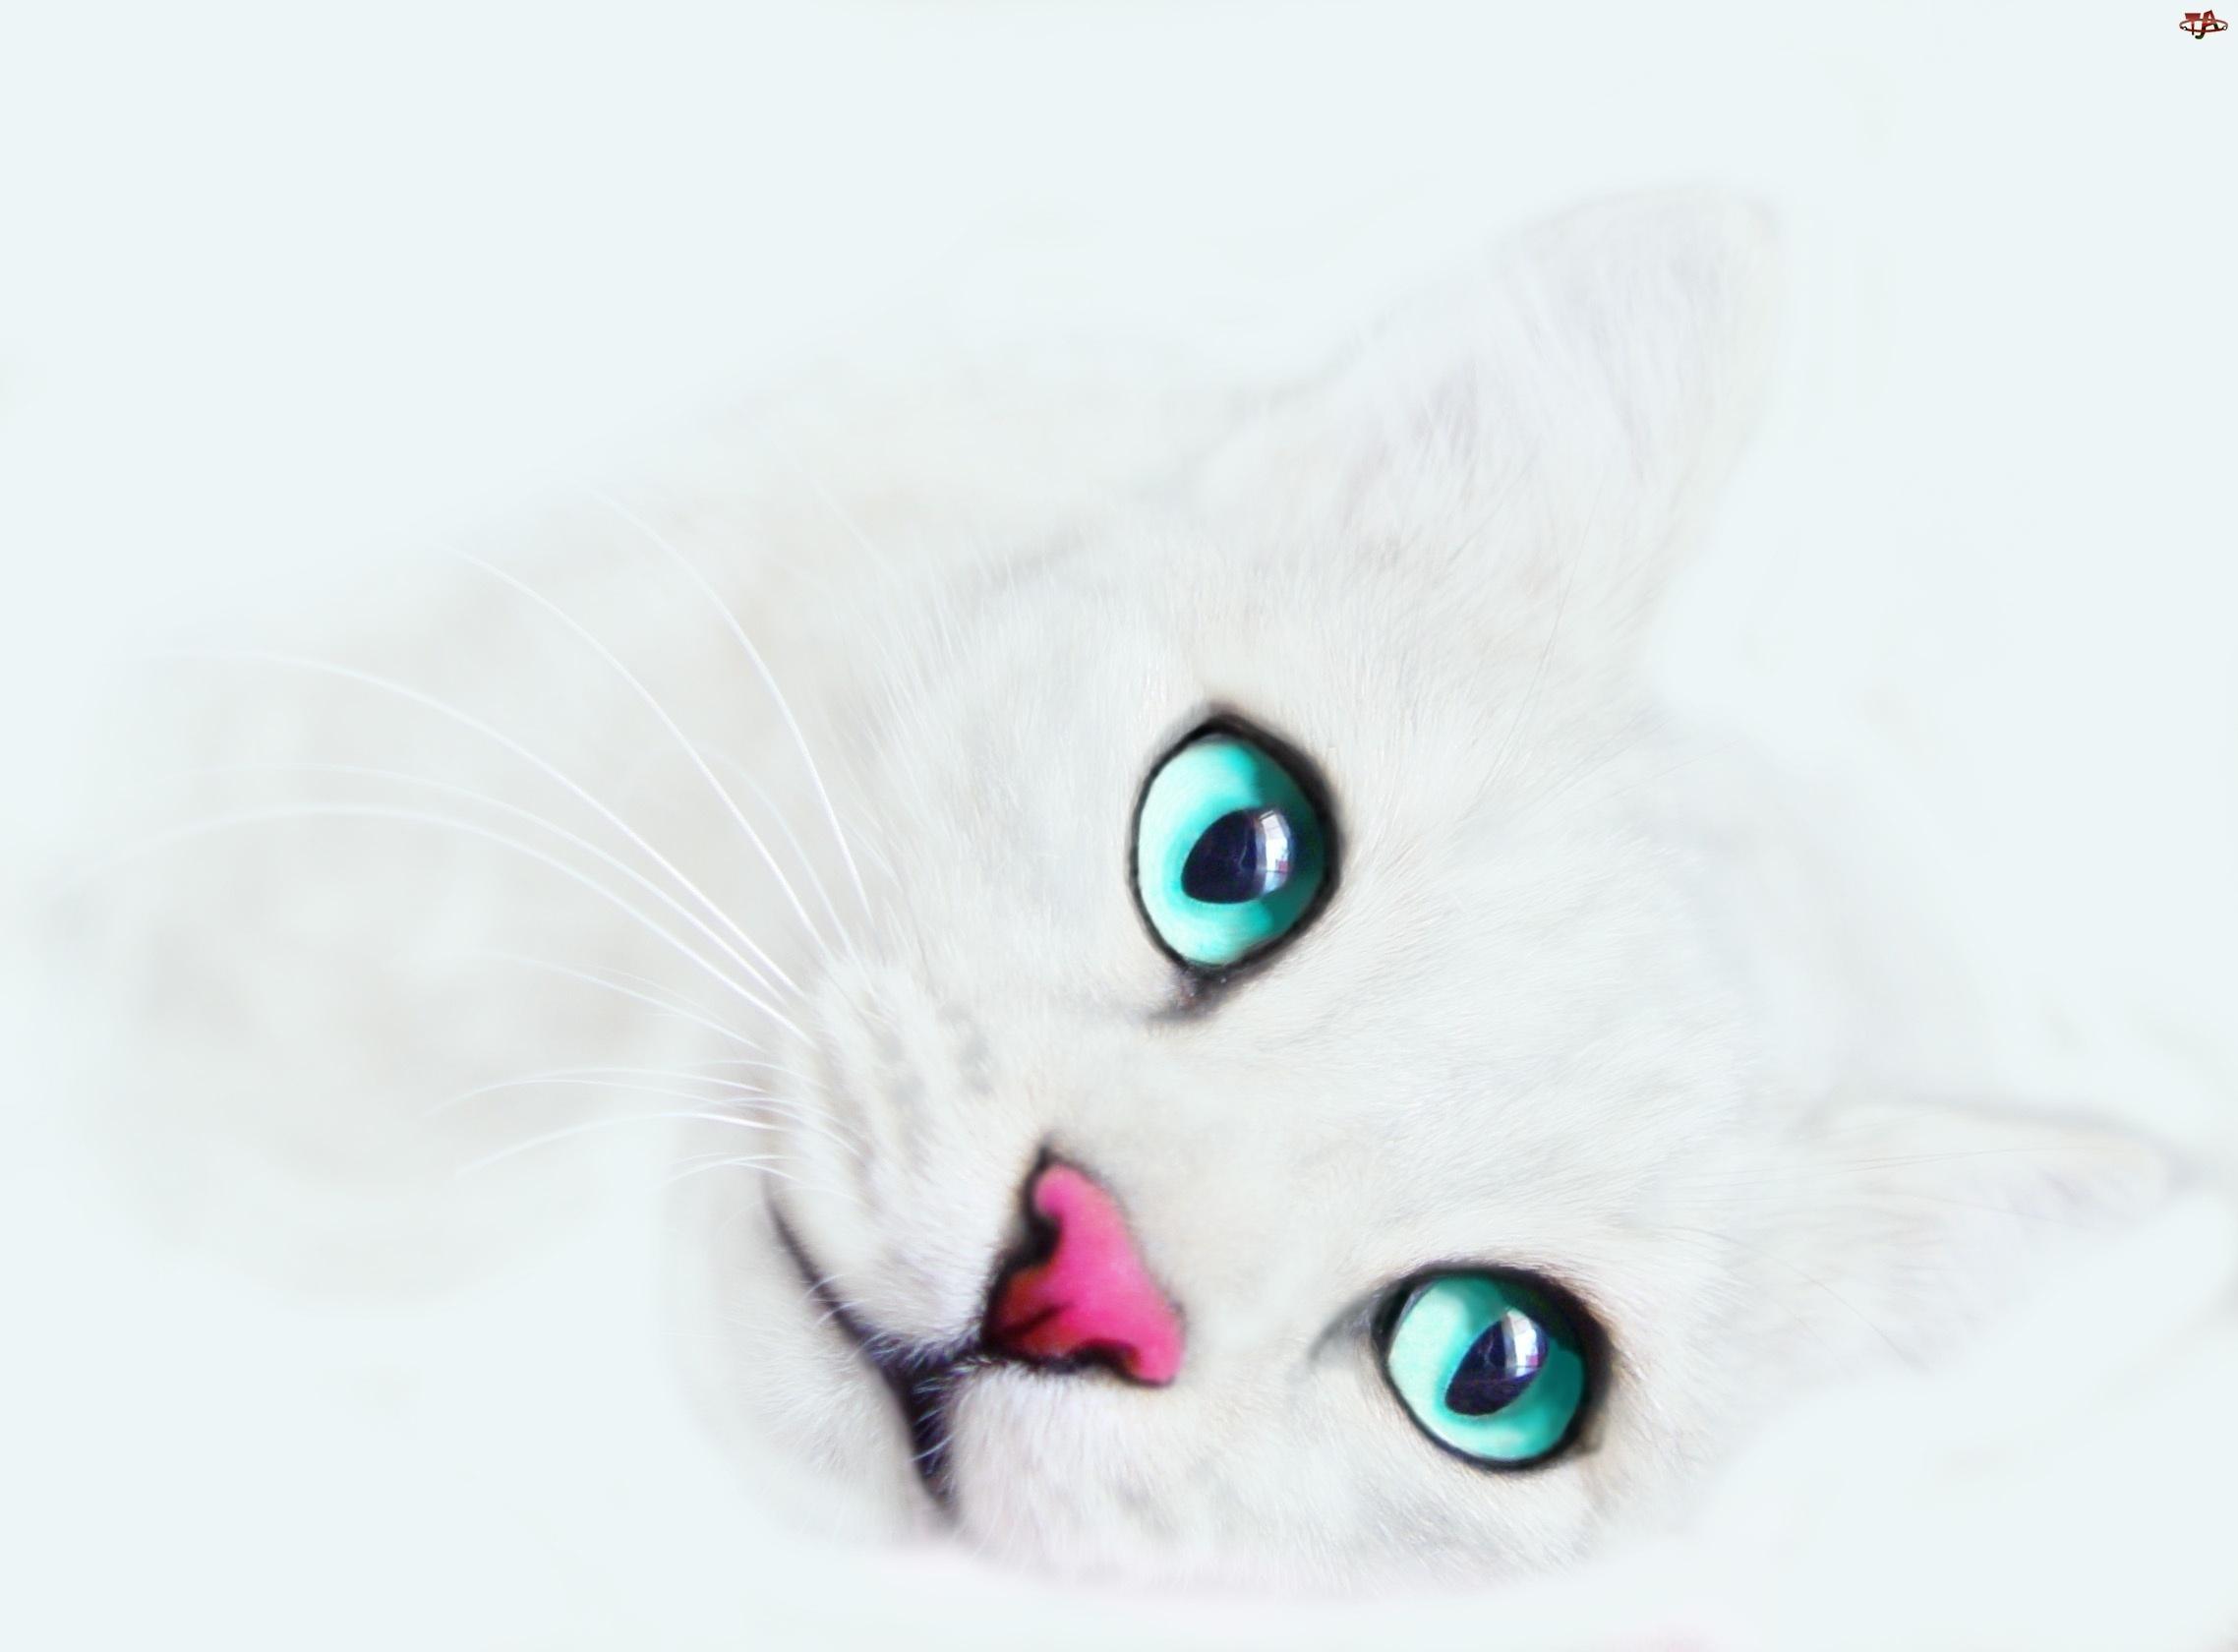 Kot, Oczy, Różowy, Nosek